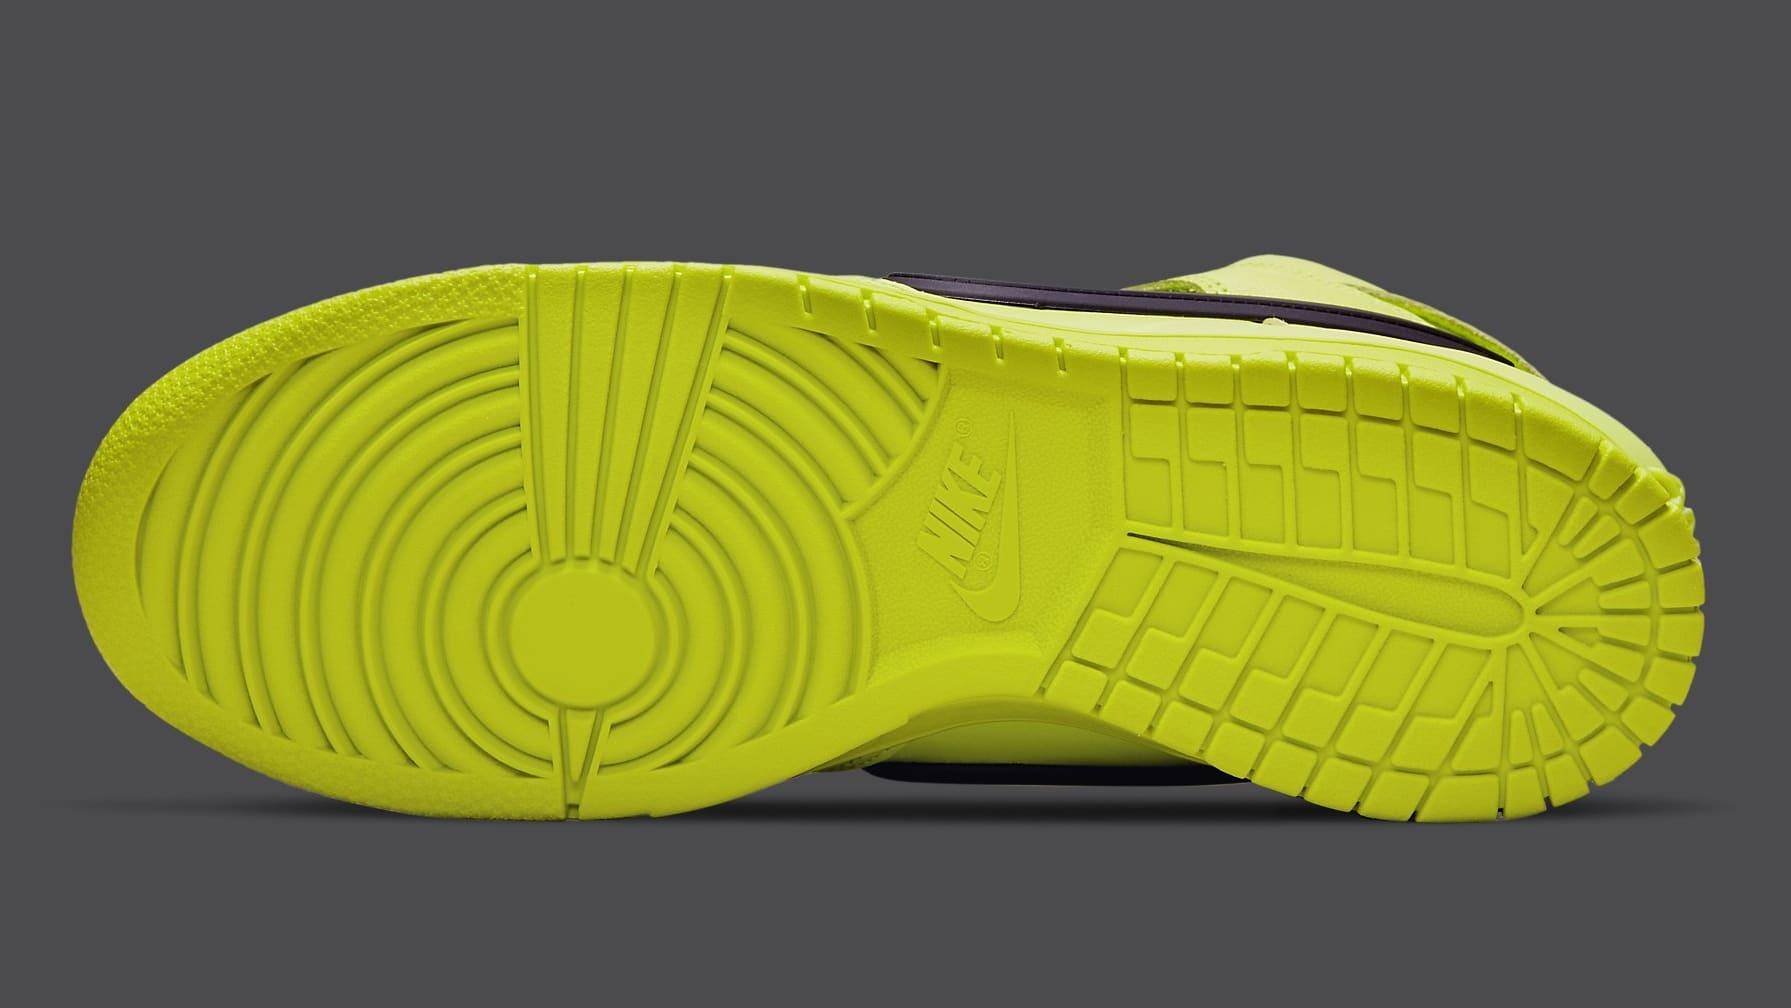 Ambush x Nike Dunk High Atomic Green Release Date CU7544-300 Sole